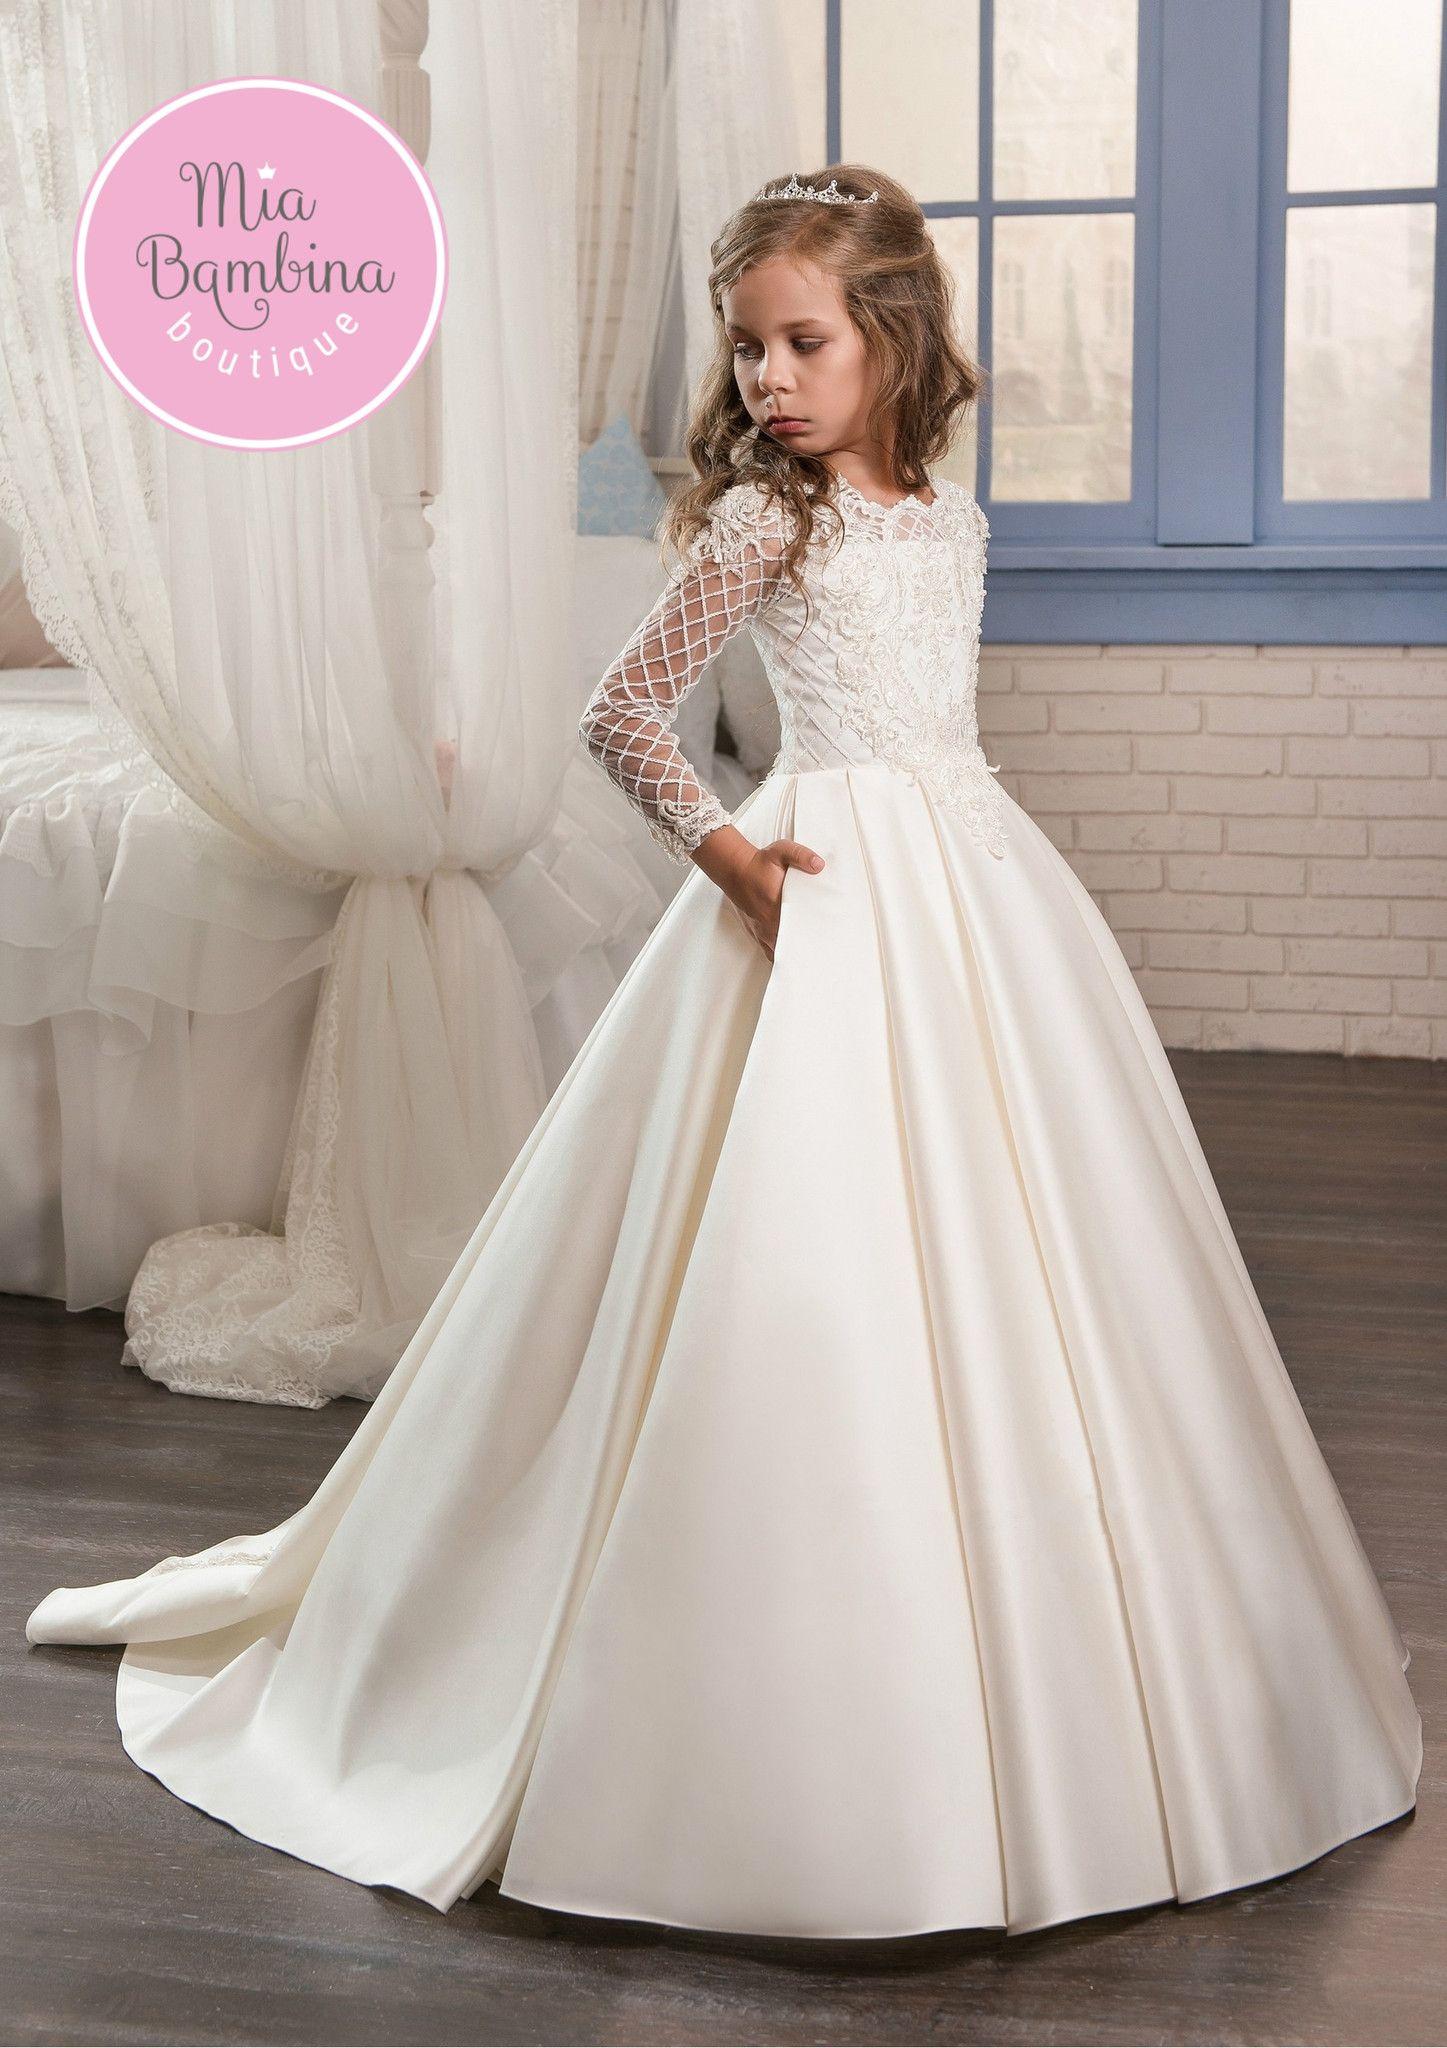 Flower Girl Dresses New York Girls Dress for Wedding